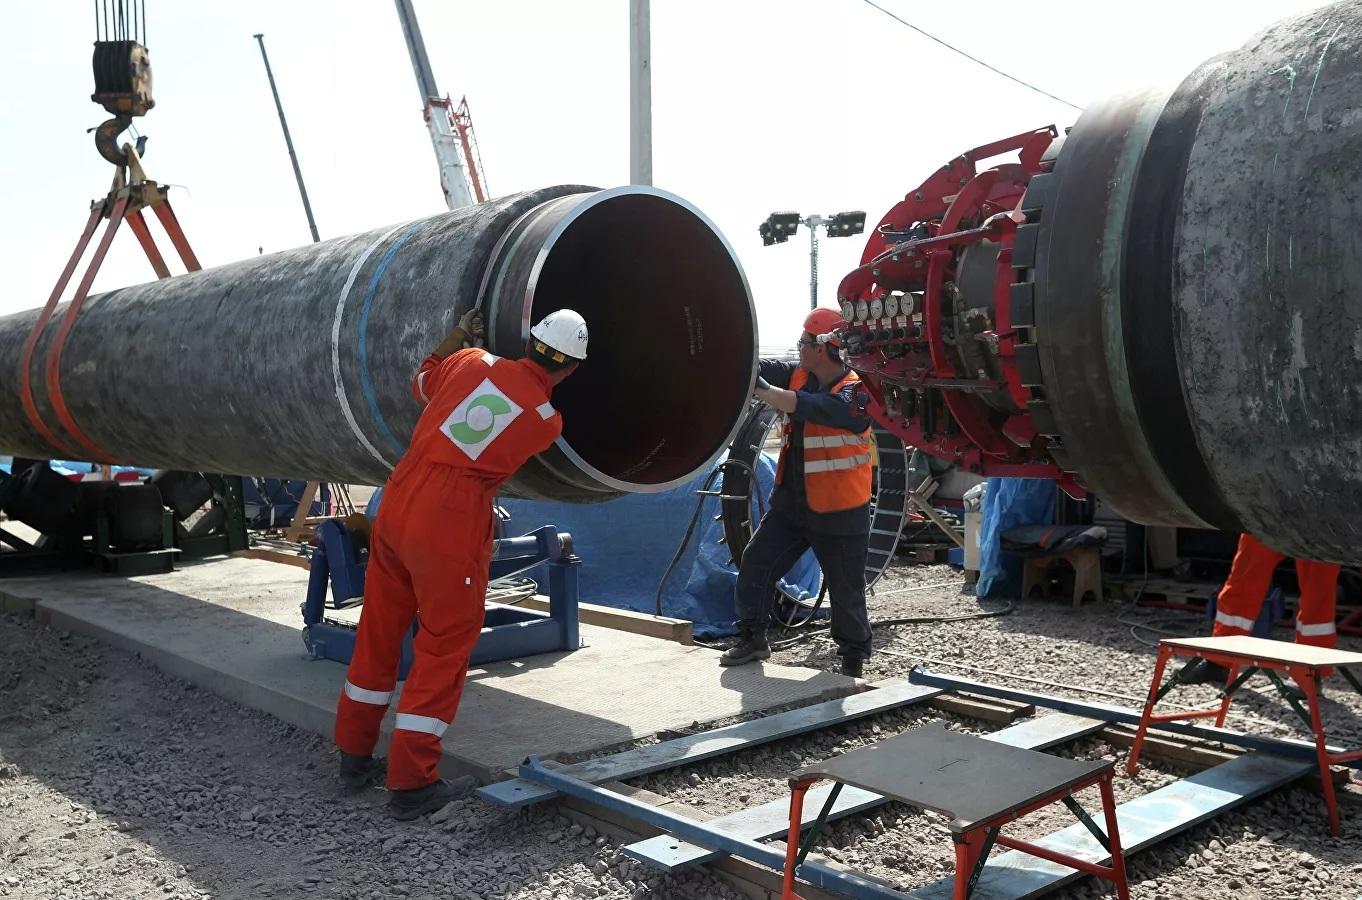 Đại biểu EP lên tiếng về các lệnh trừng phạt của Mỹ với Nord Stream 2